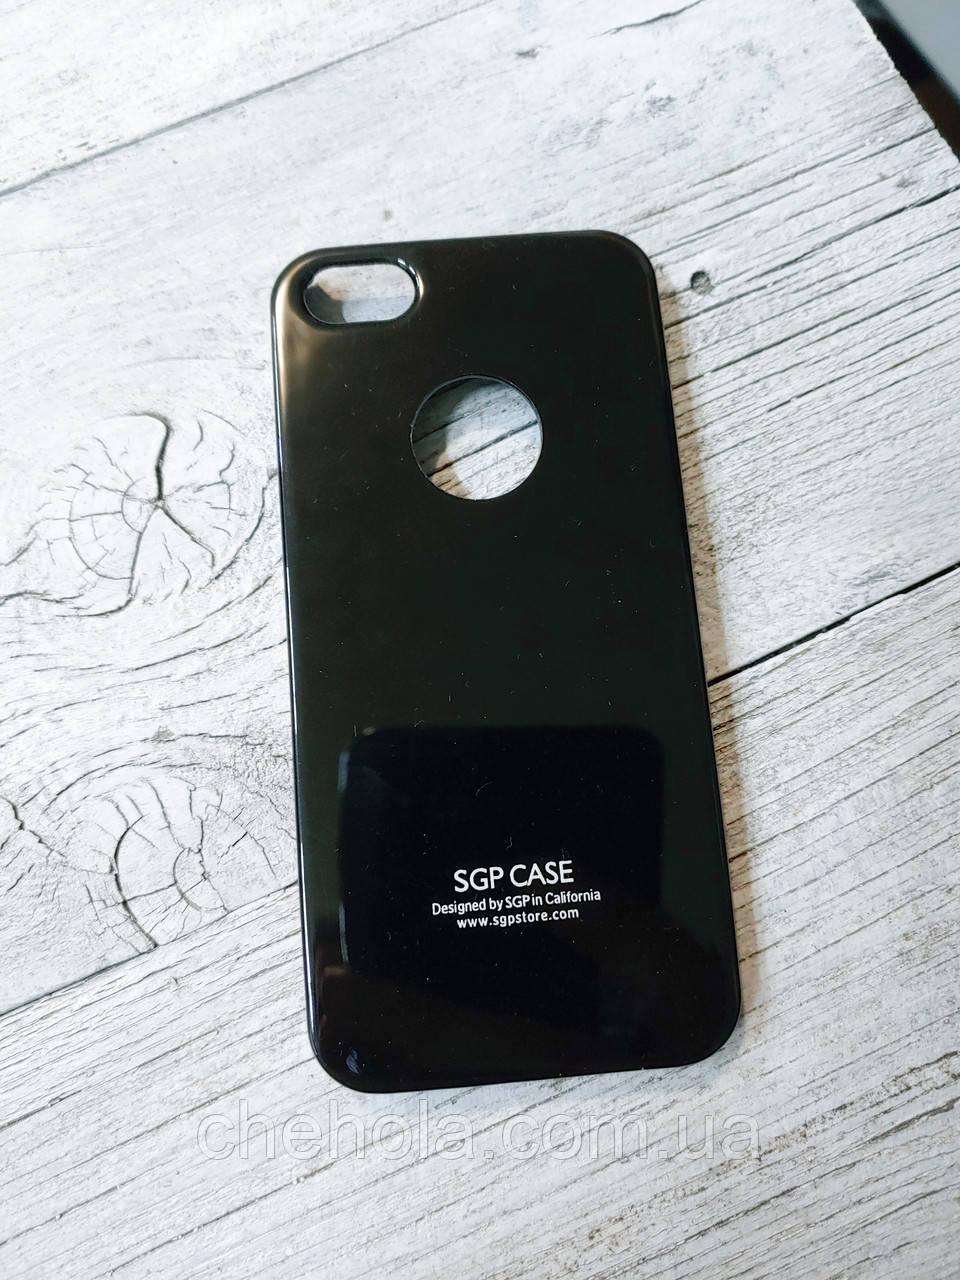 Тонкий Захисний Чохол Iphone 5 5S SE Spigen SGP